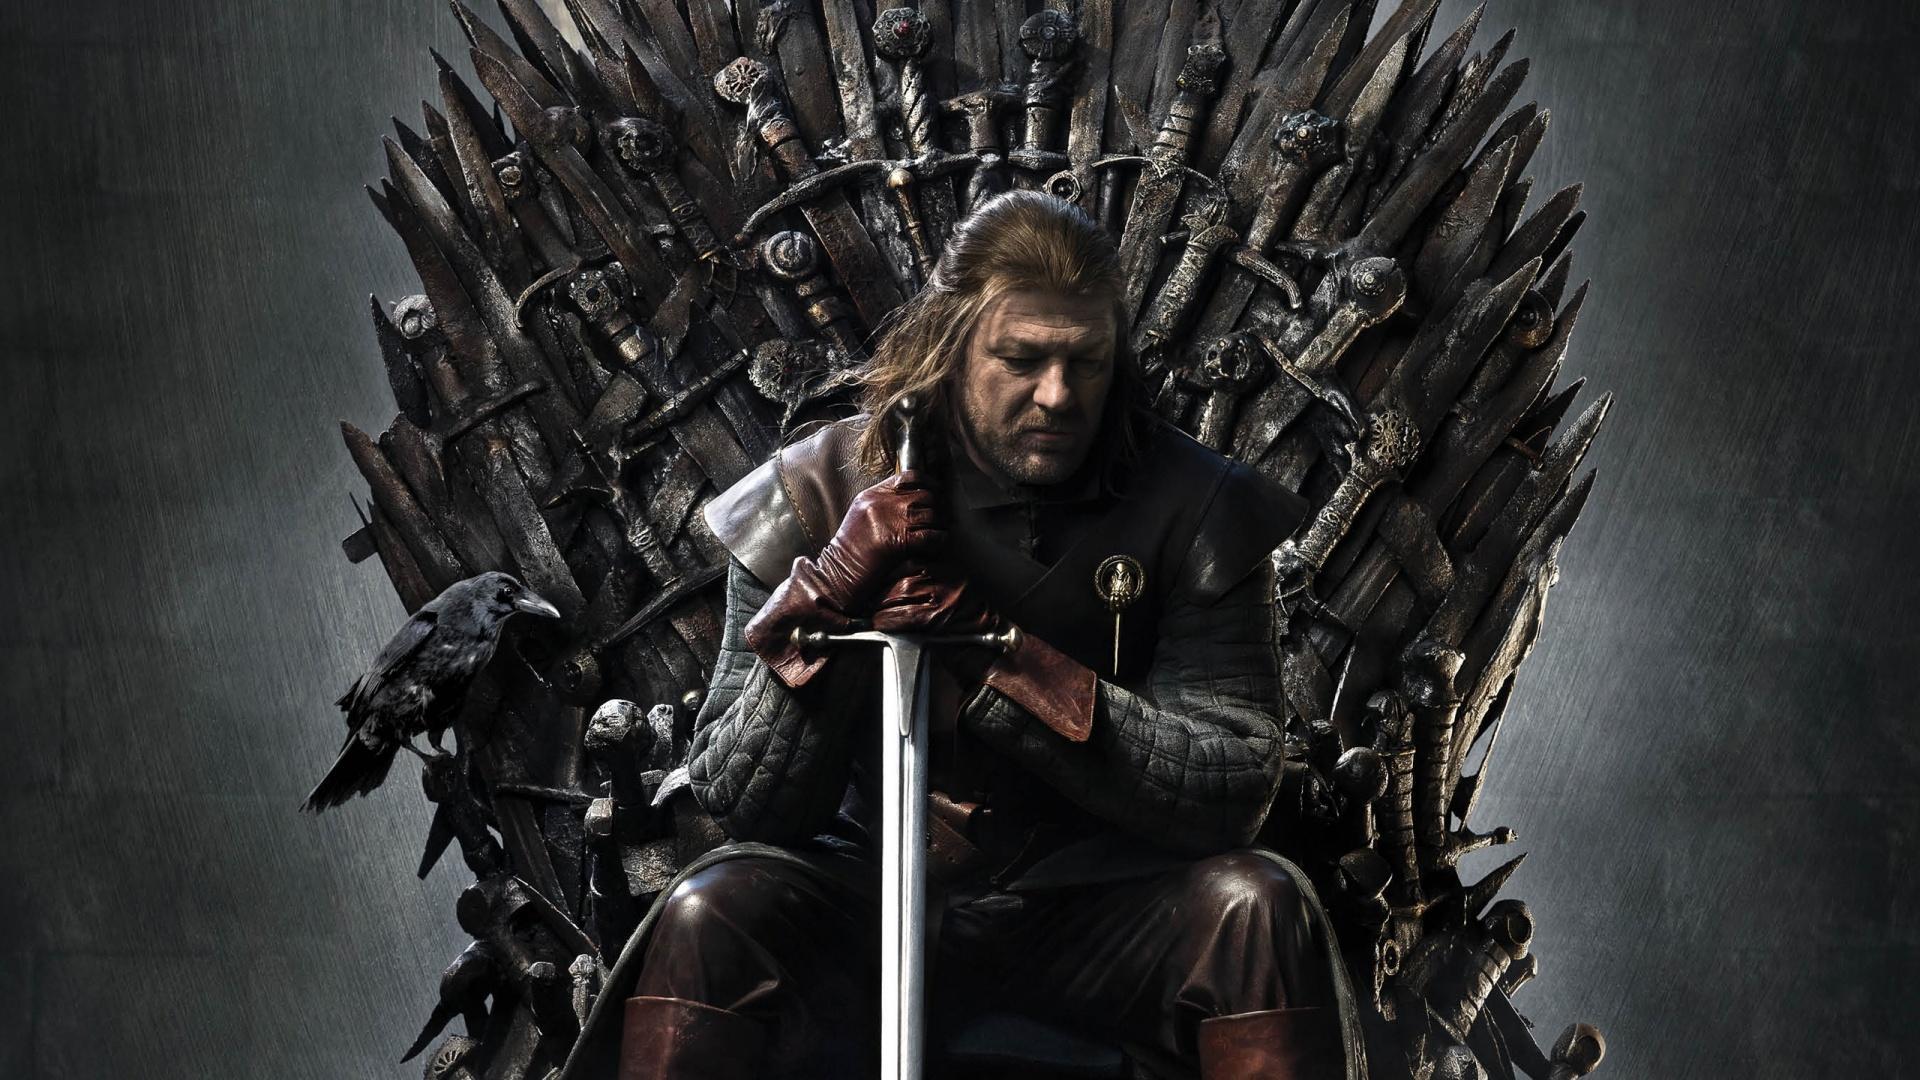 игра престолов 1 сезон 5 серия lostfilm смотреть